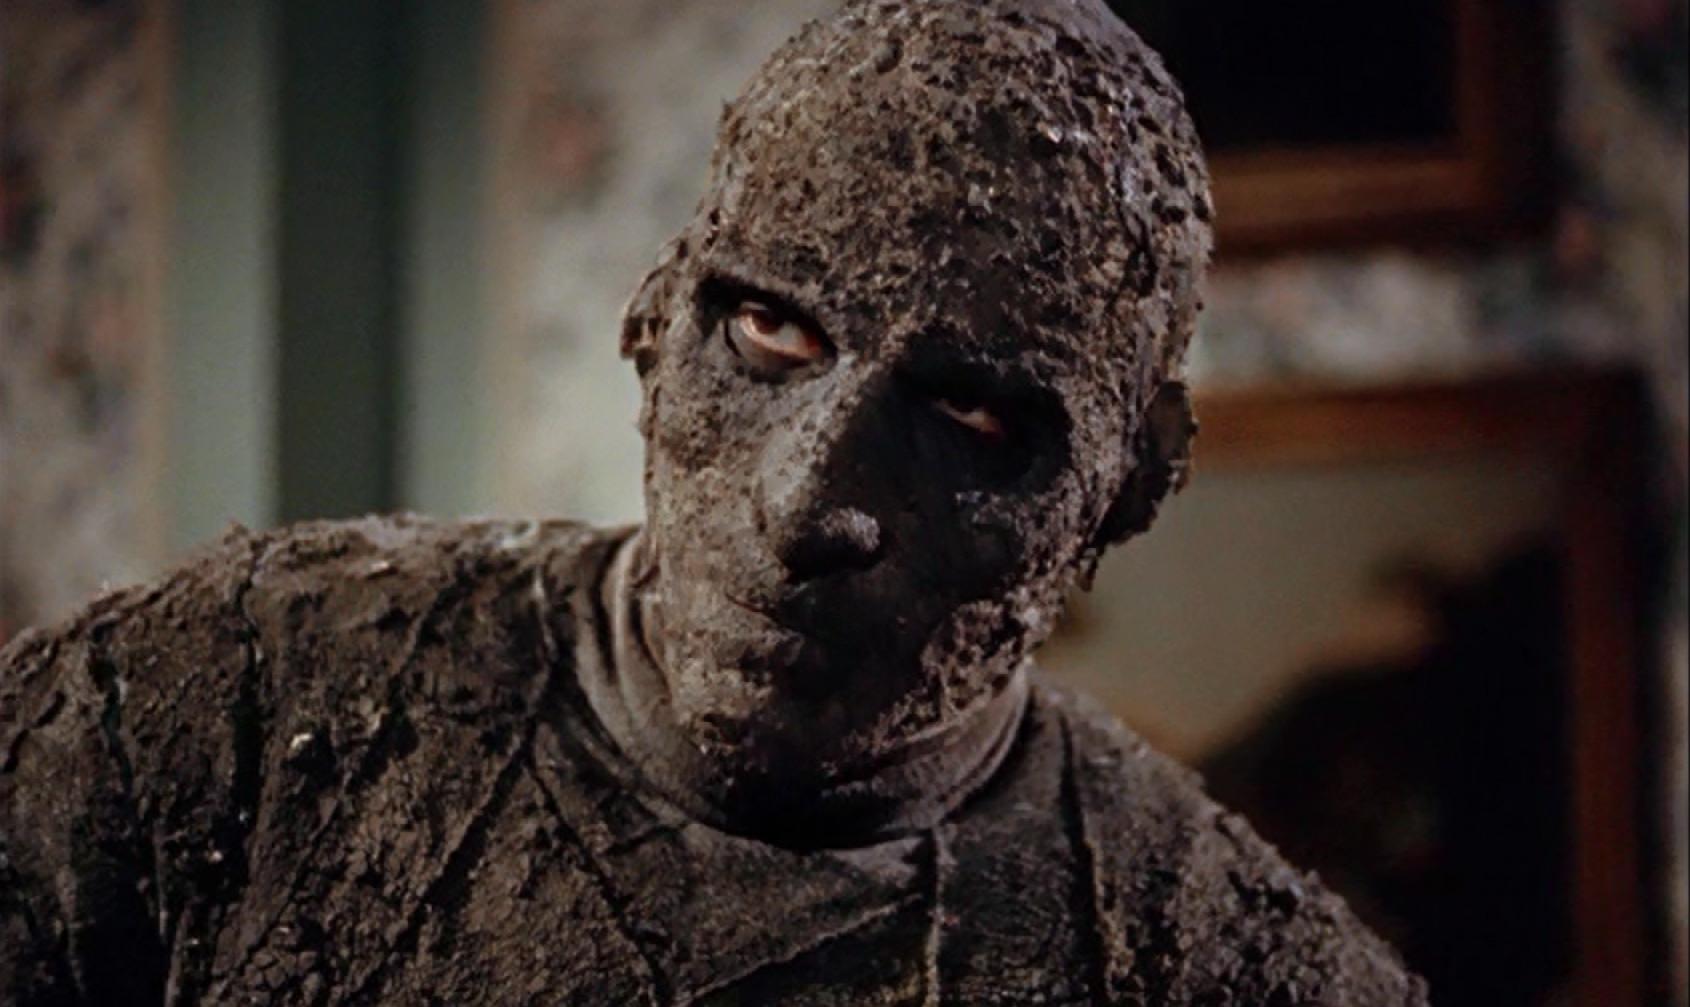 4. The Mummy